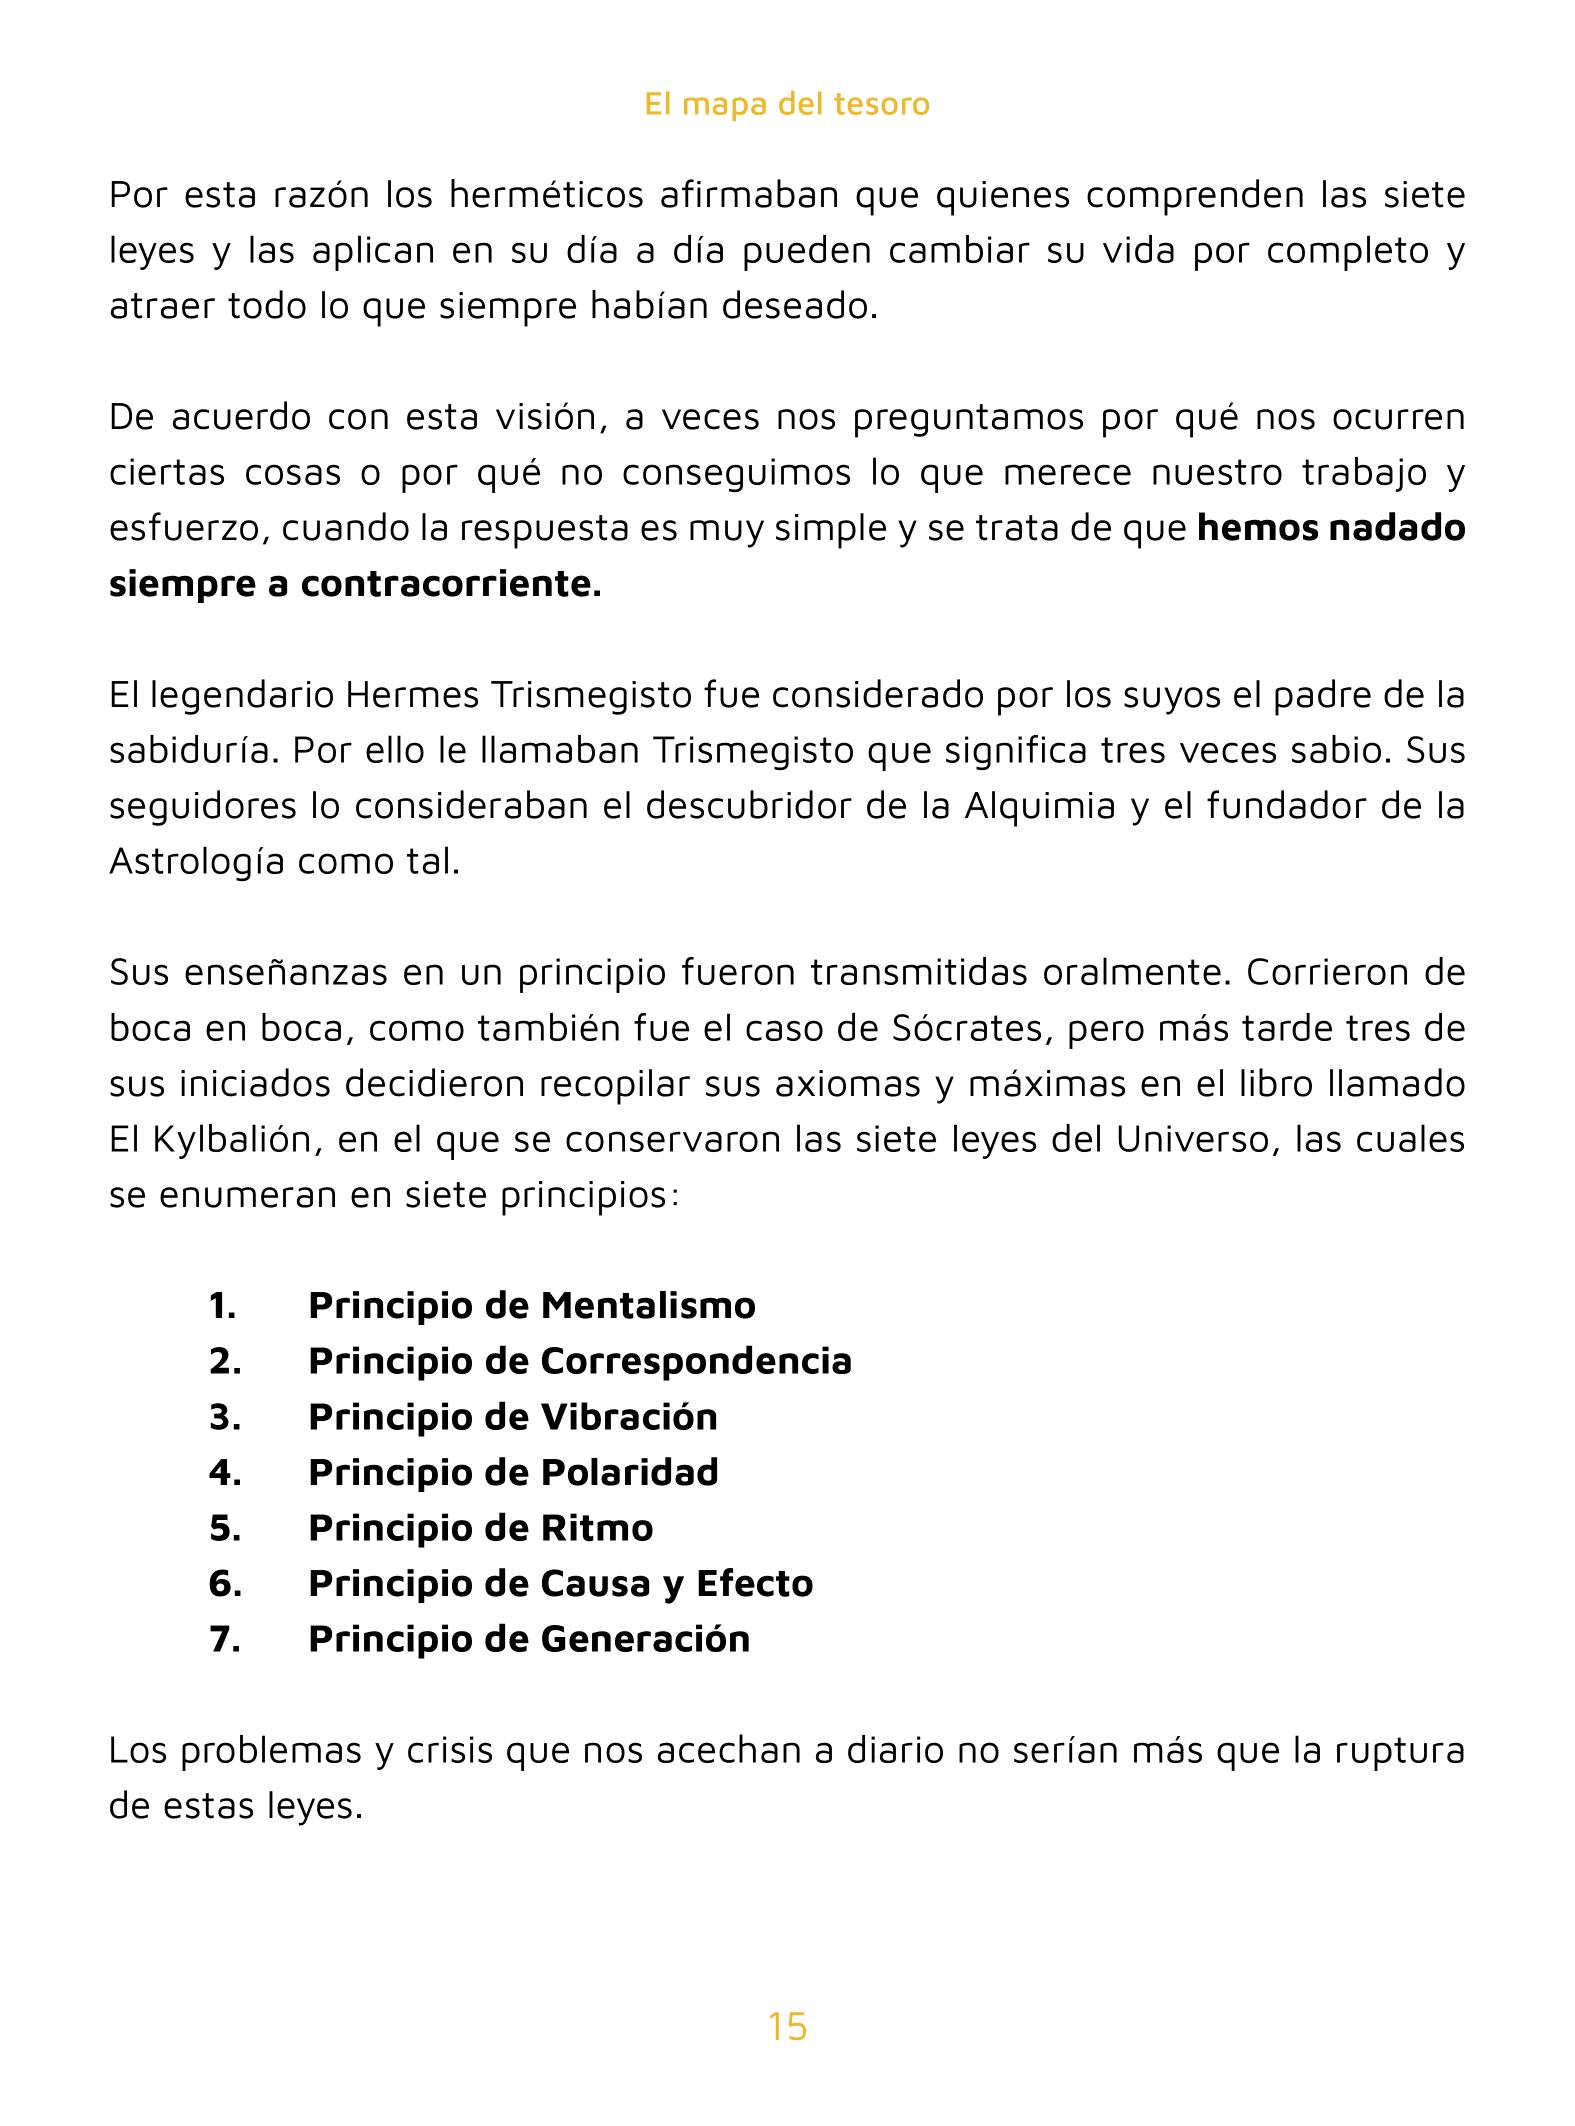 Libro-_El-Mapa-del-Tesoro_-1-15-1